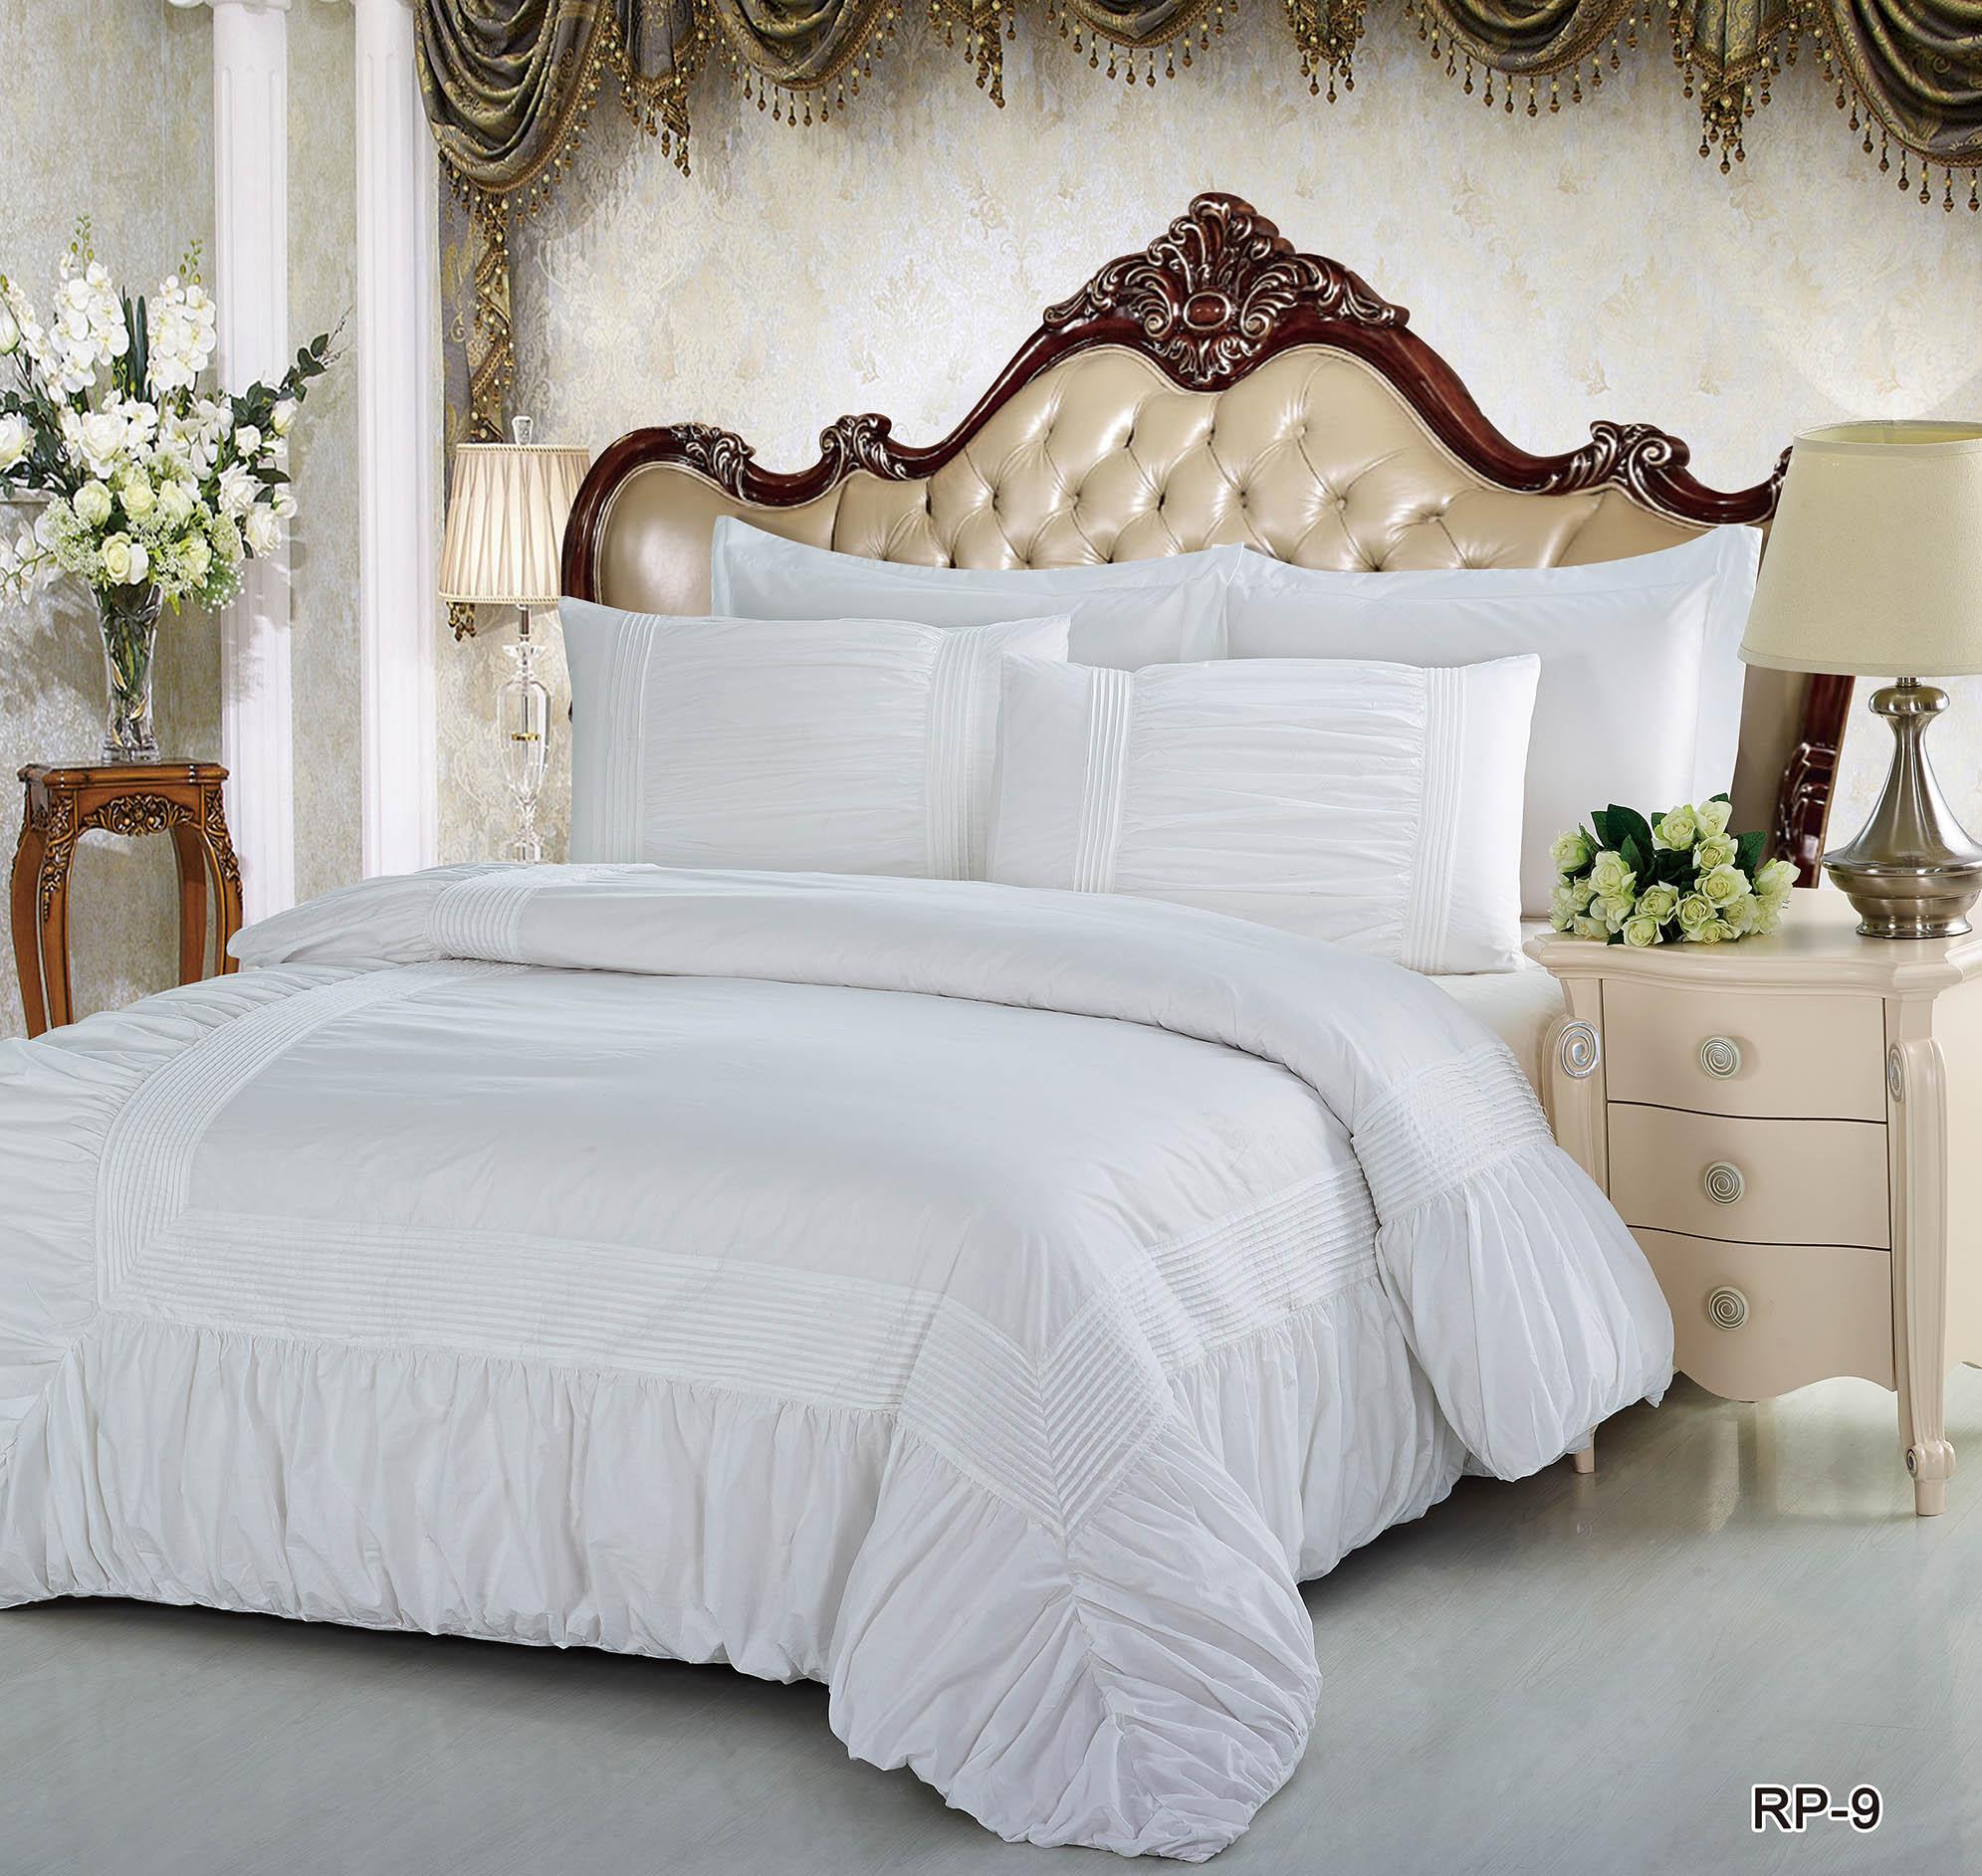 Постельное белье KingSilk Постельное белье Jerald (King size (Евро макси)) постельное белье togas постельное белье адель цвет серый king size евро макси